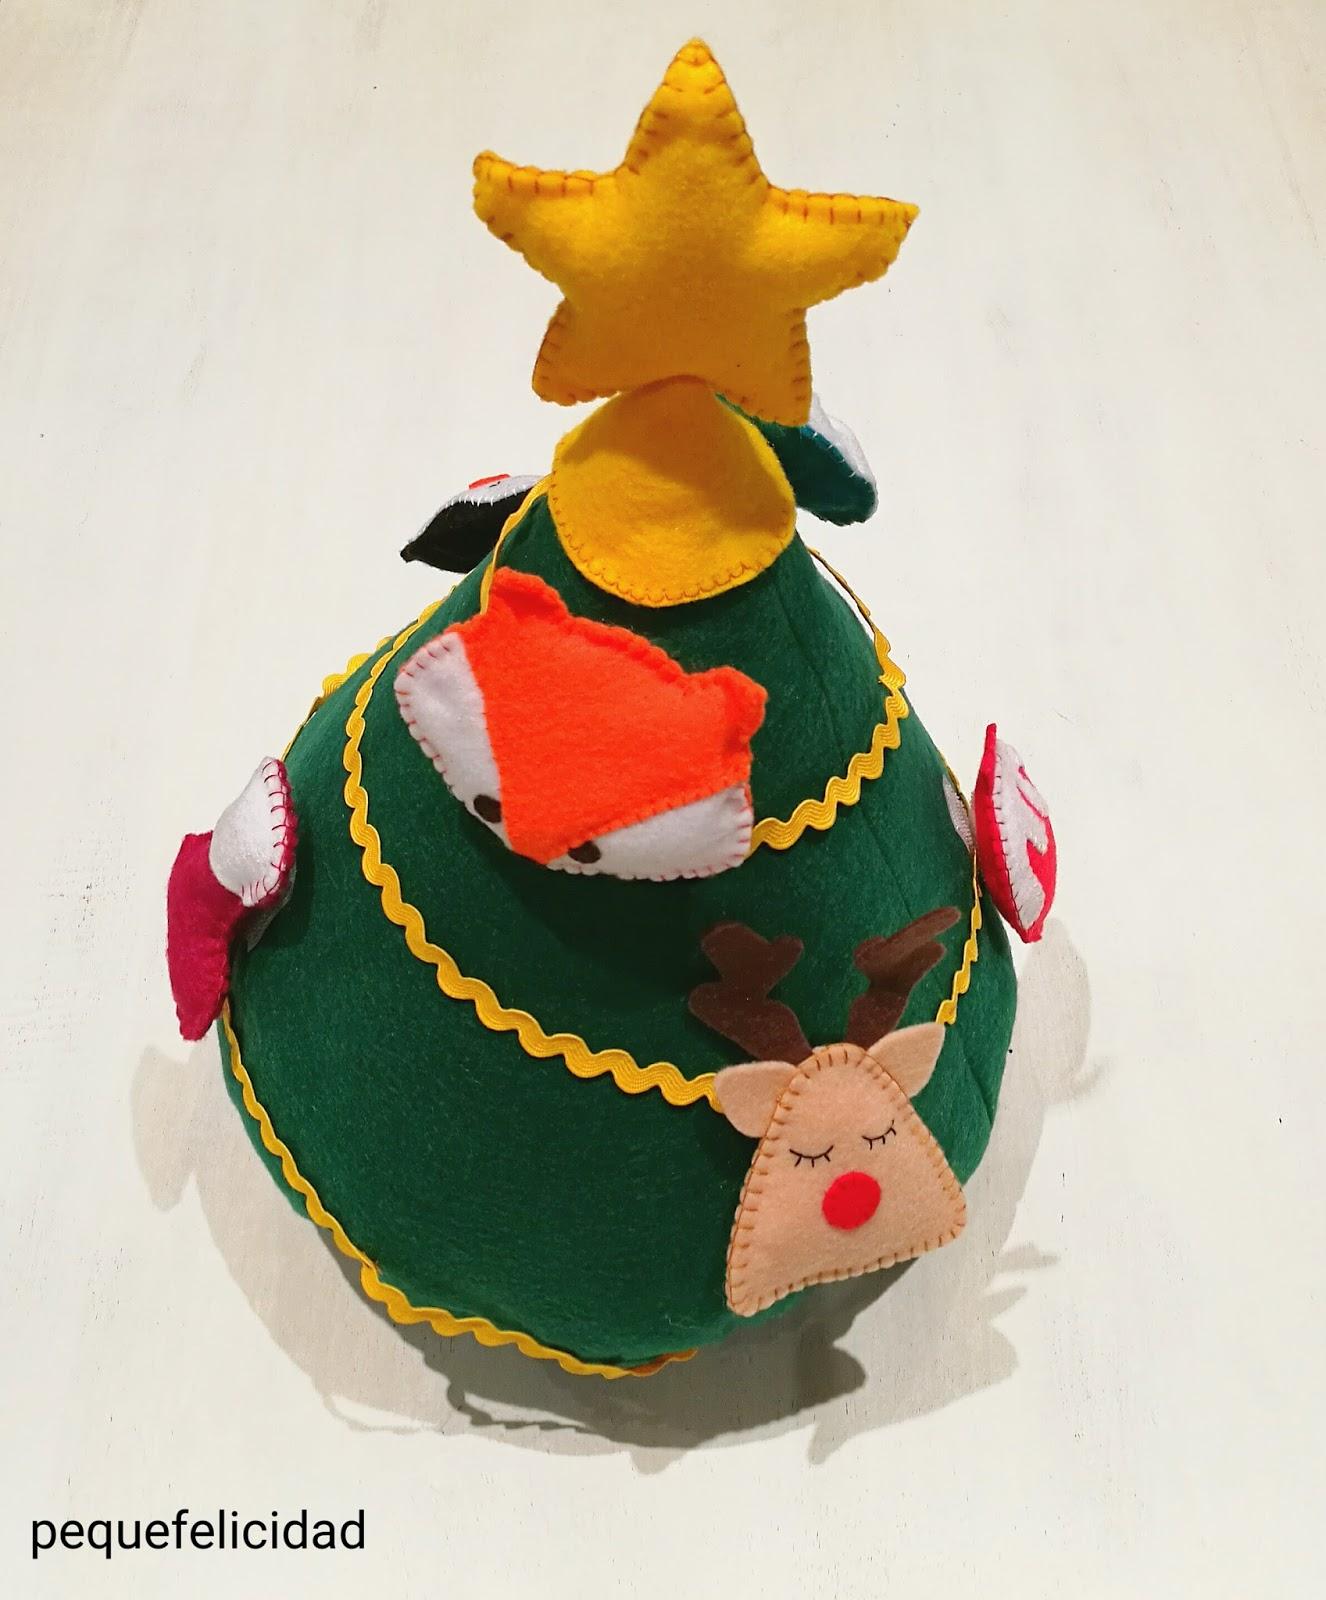 Pequefelicidad Arbol De Navidad Montessori - Arbol-de-navidad-artesanal